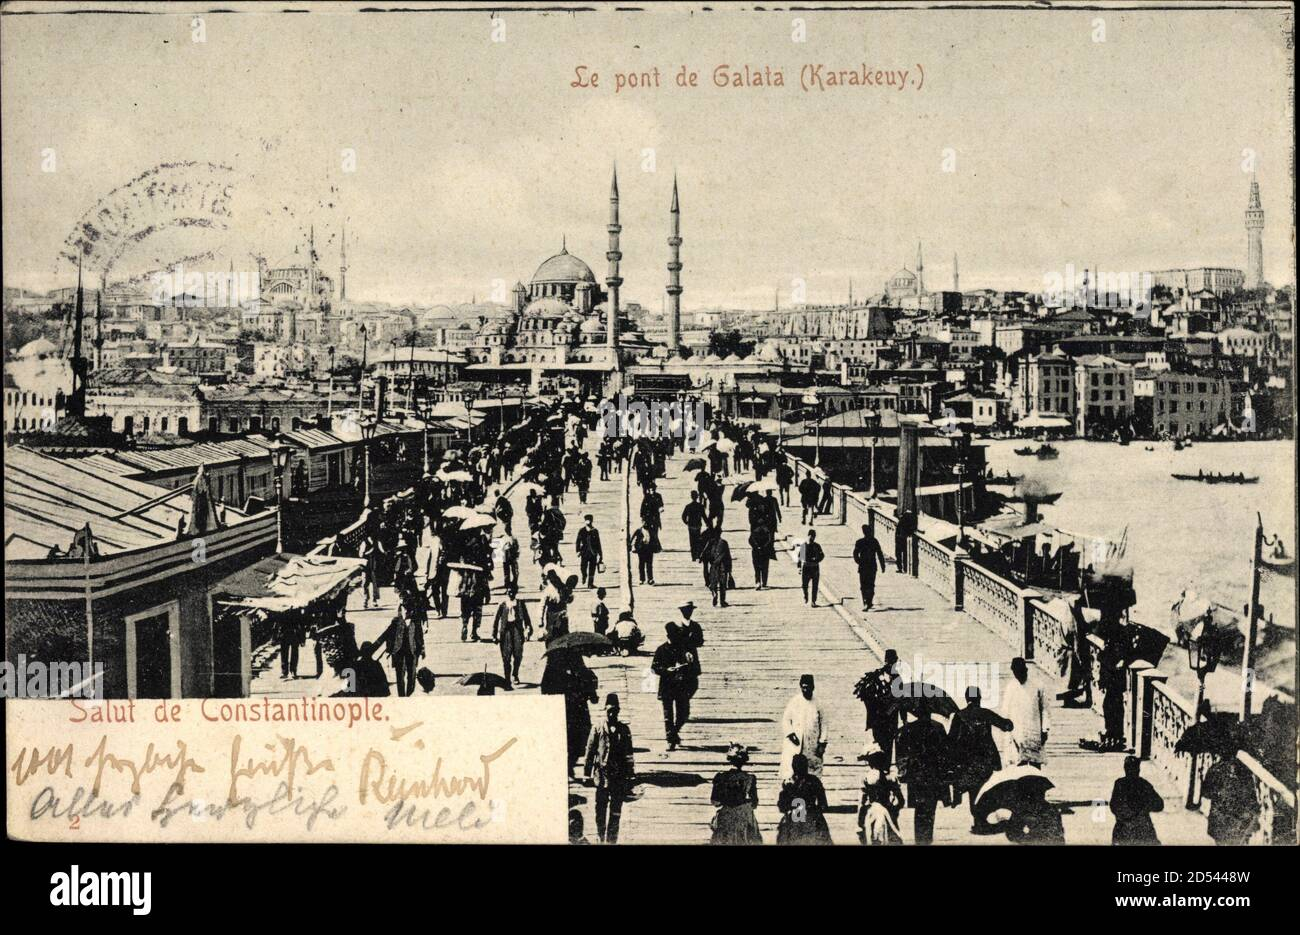 Konstantinopel Istanbul Türkei, le pont de Galata, Karakeuy   utilisation dans le monde entier Banque D'Images